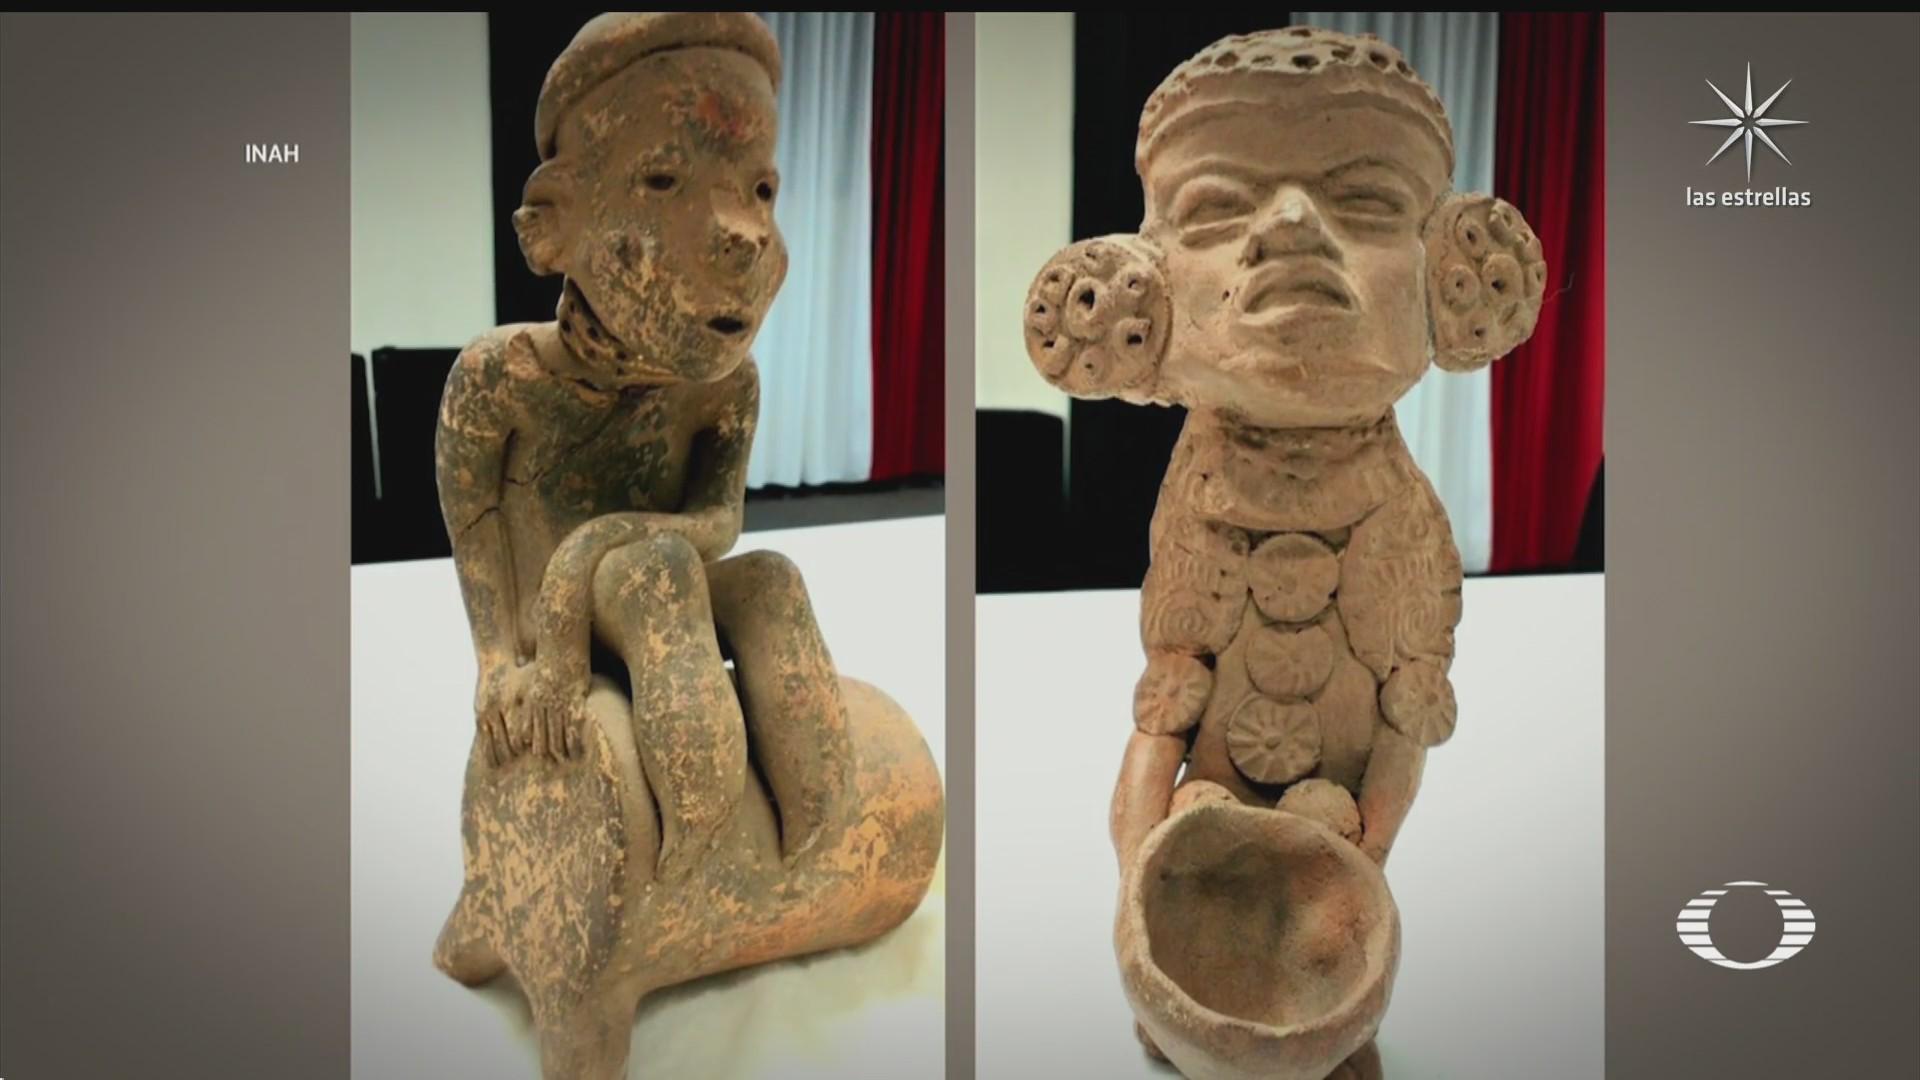 eeuu devuelve piezas arqueologicas a mexico